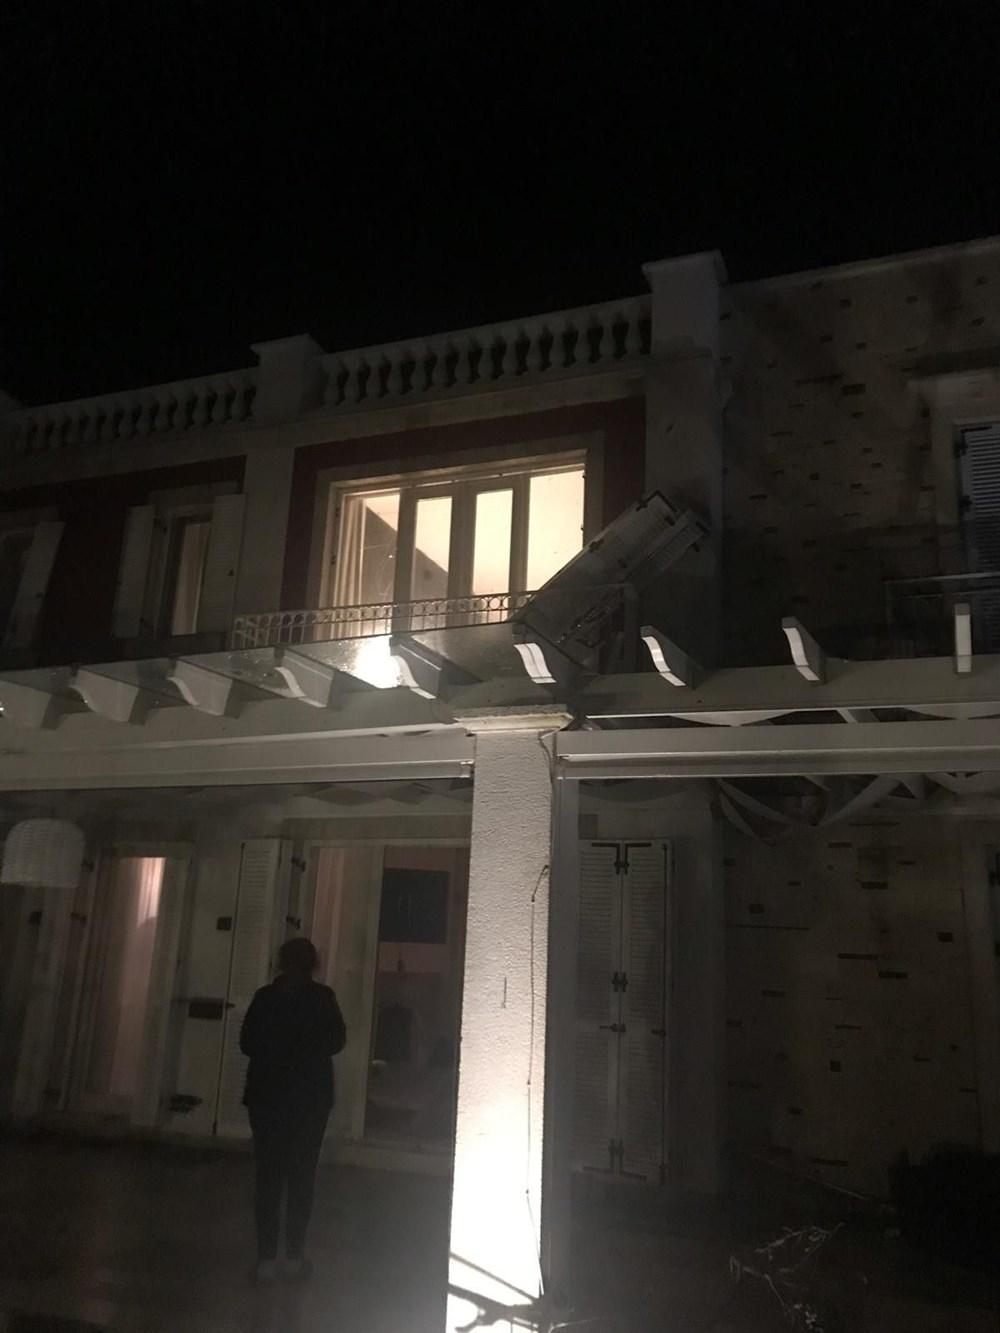 İzmir Alaçatı'da hortum: 16 yaralı - 16